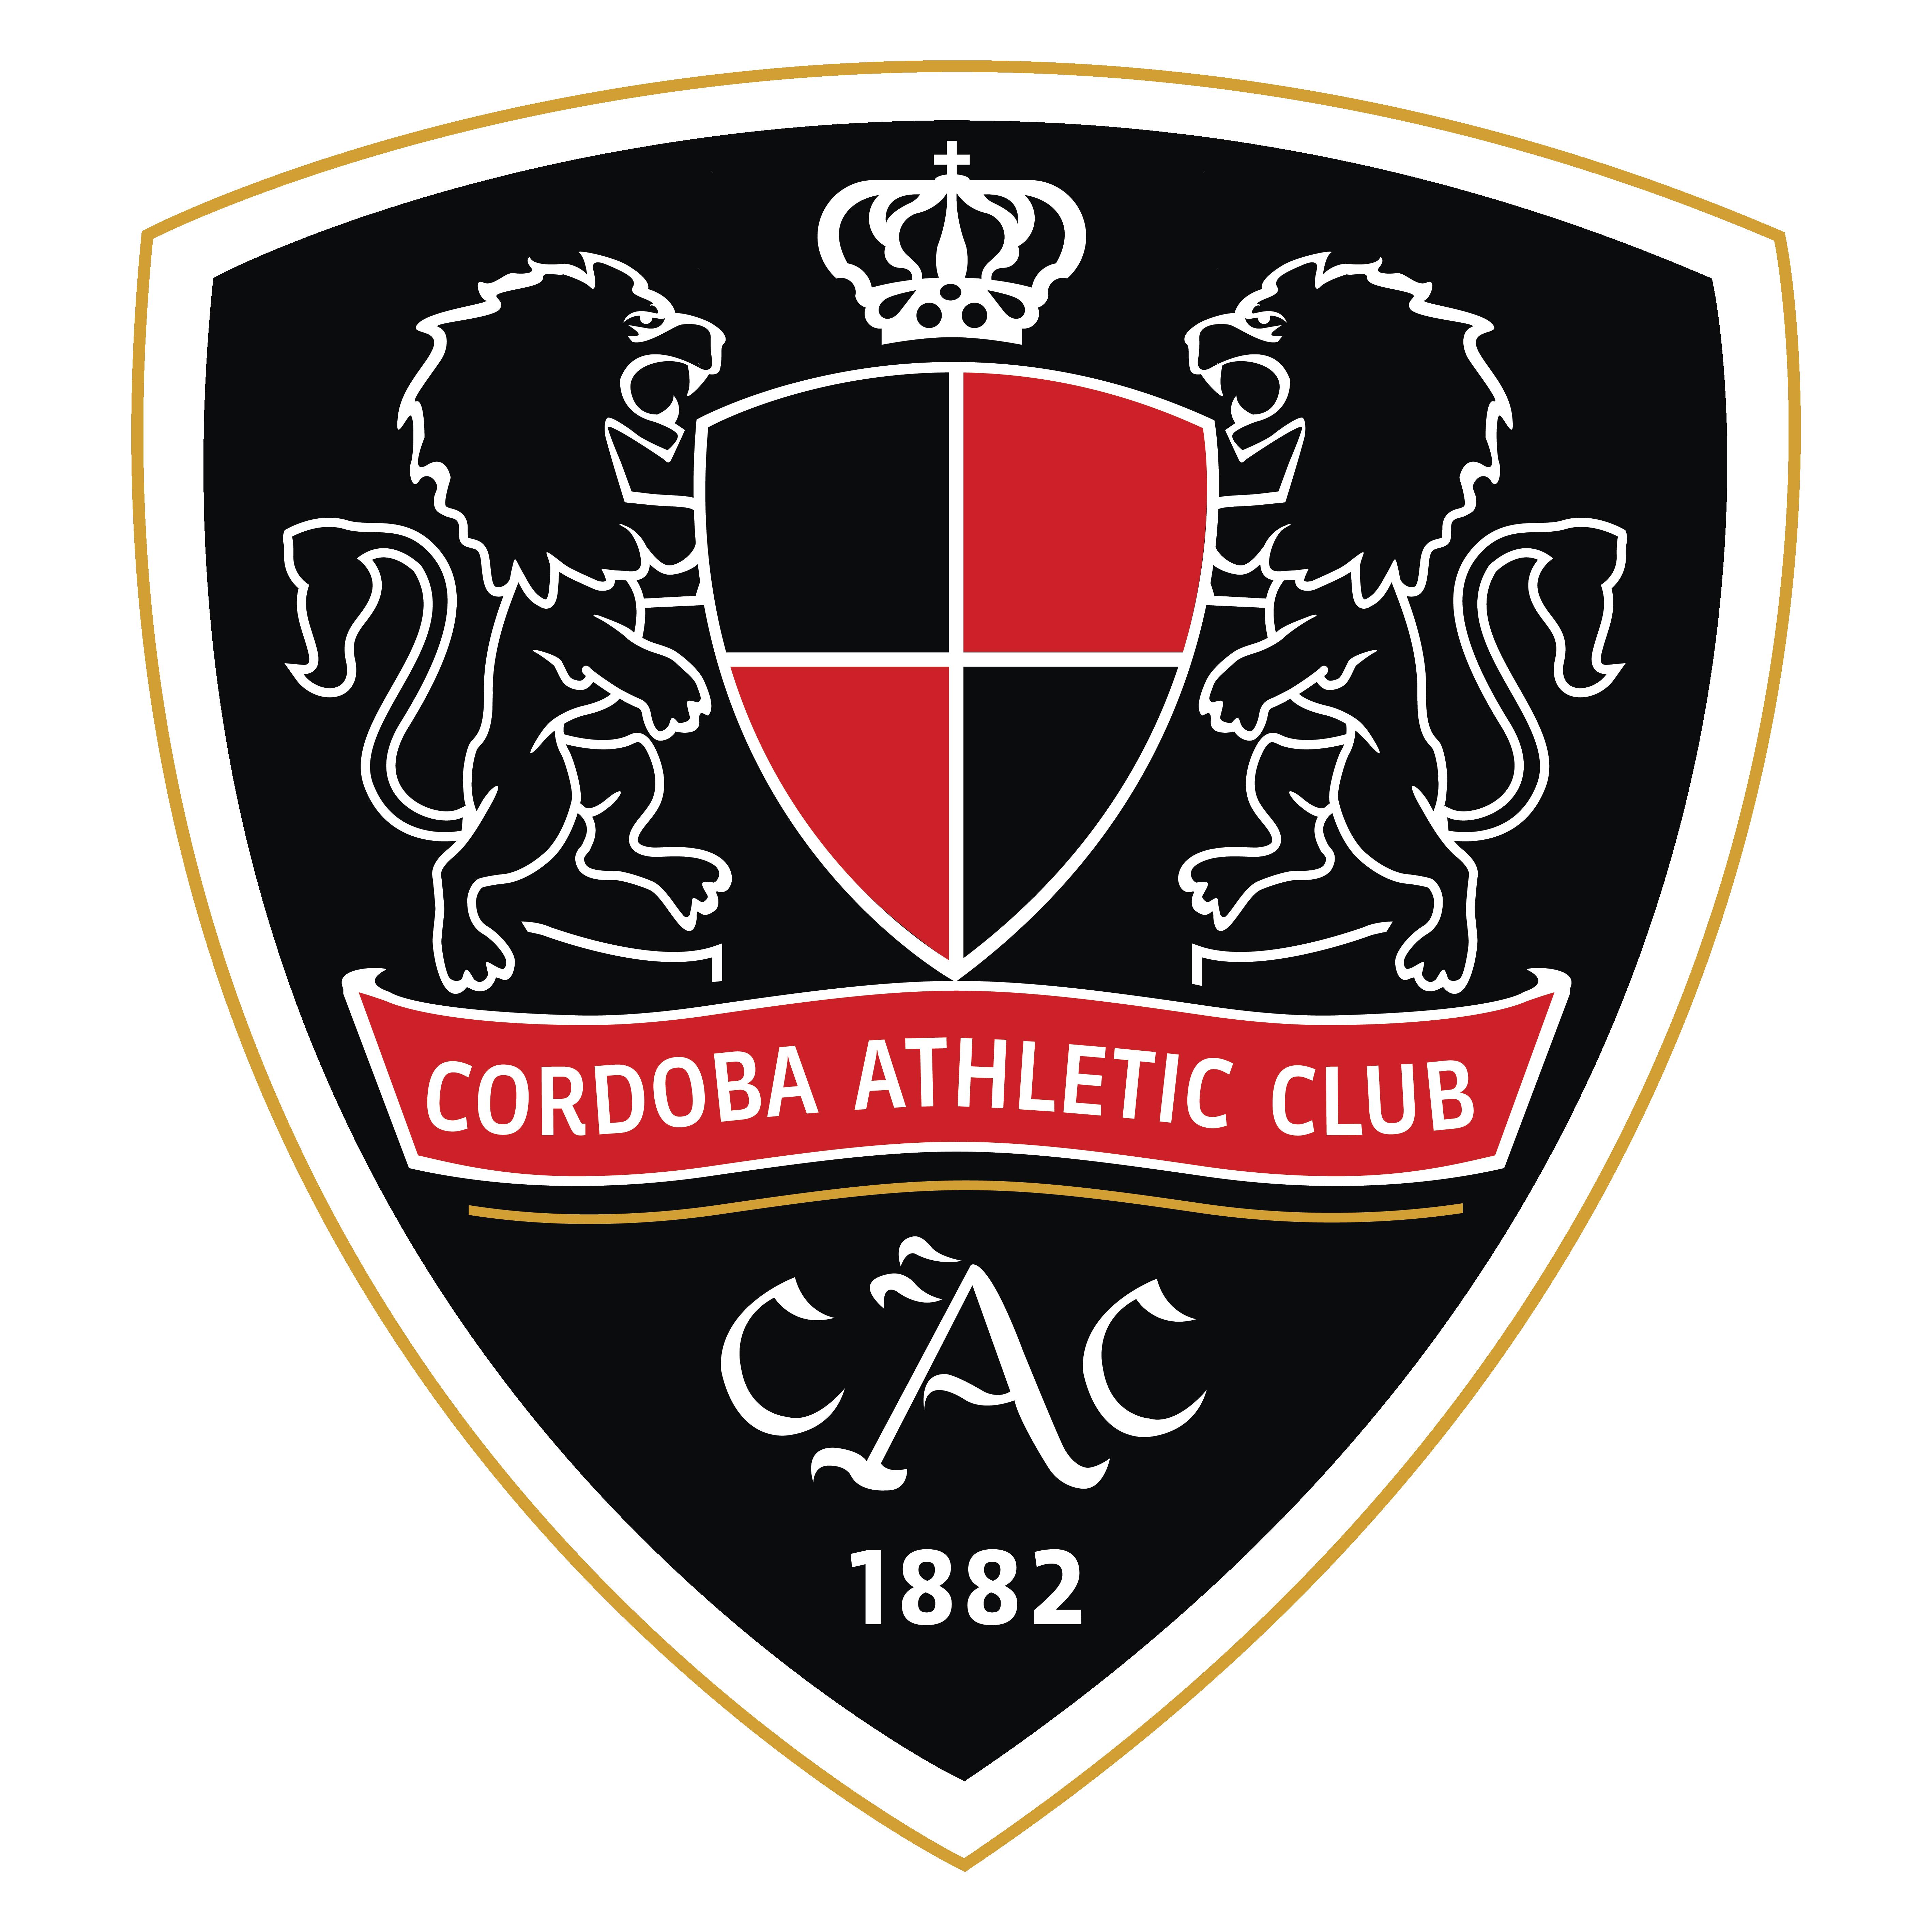 CORDOBA ATHLETIC CLUB